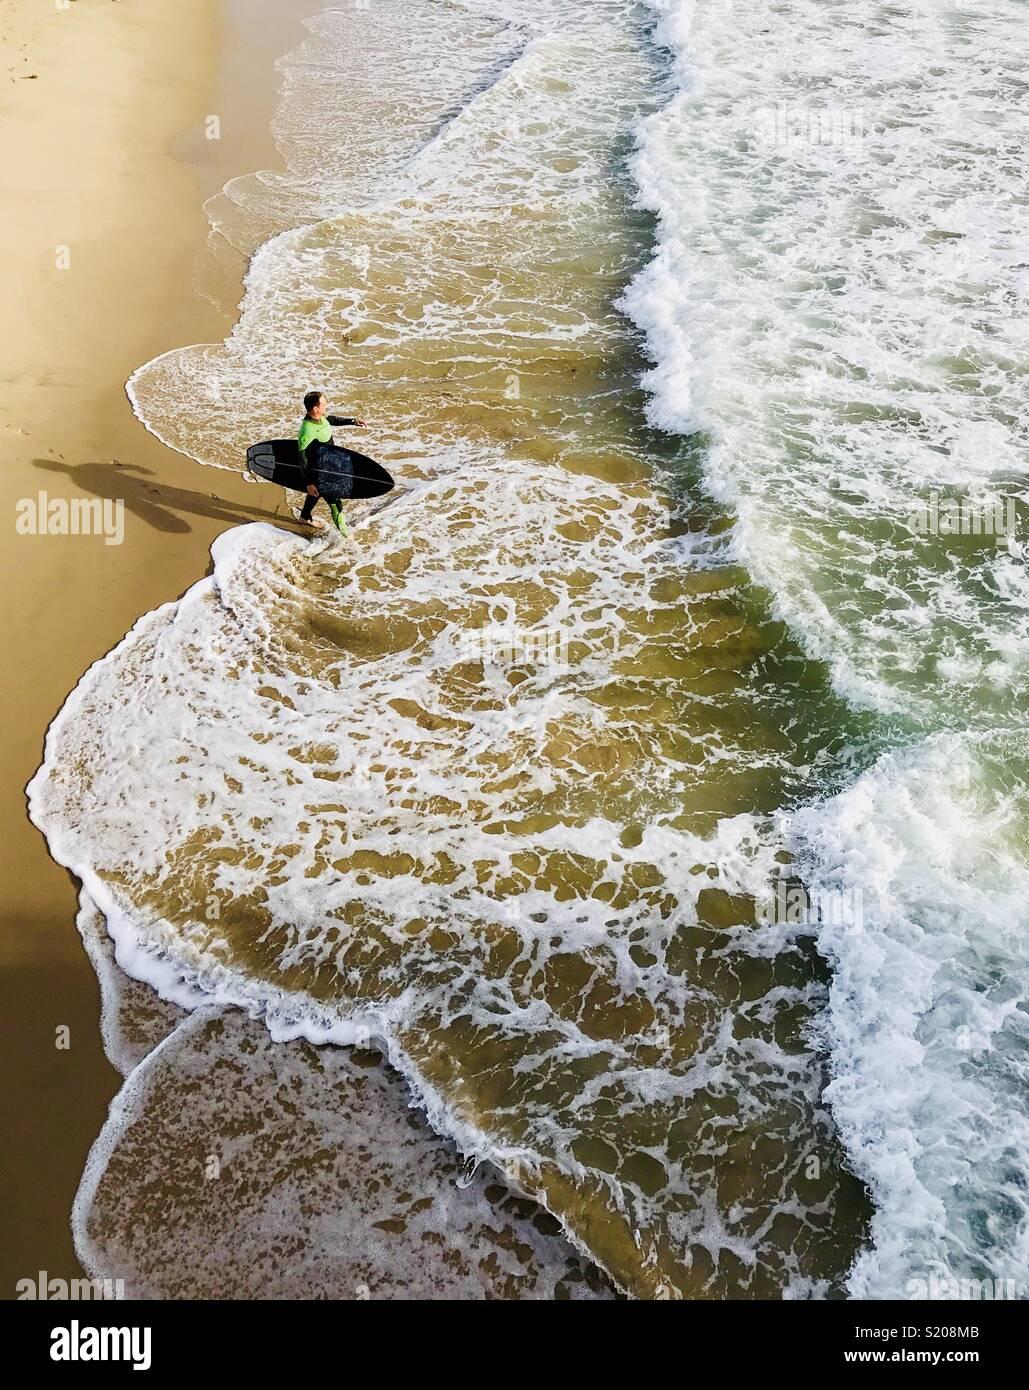 Un homme marche sur le surfeur surf. Manhattan Beach, Californie, États-Unis. Banque D'Images